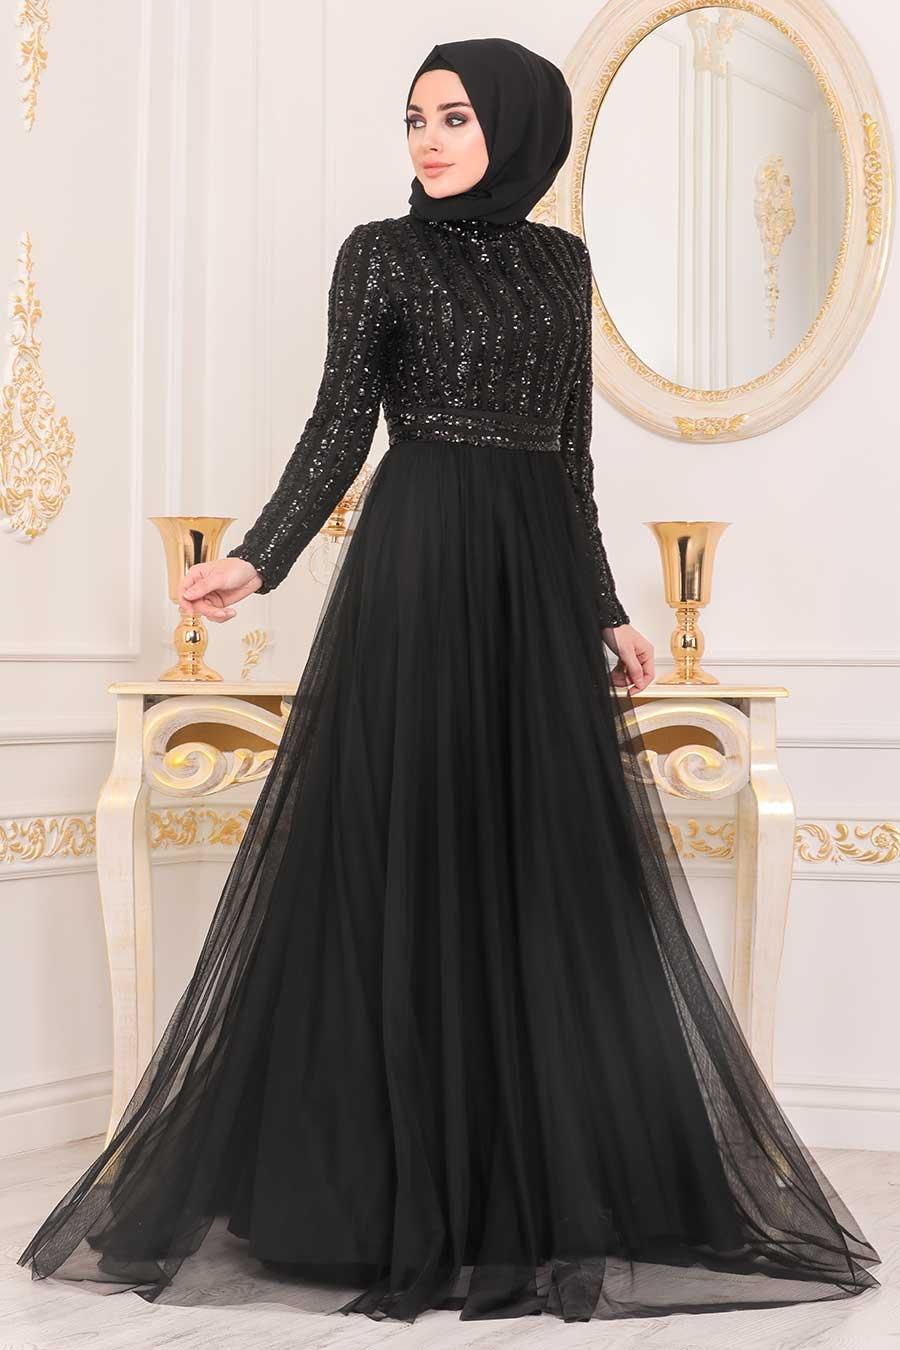 Tesettürlü Abiye Elbise - Pul Payetli Siyah Tesettür Abiye Elbise 5338S